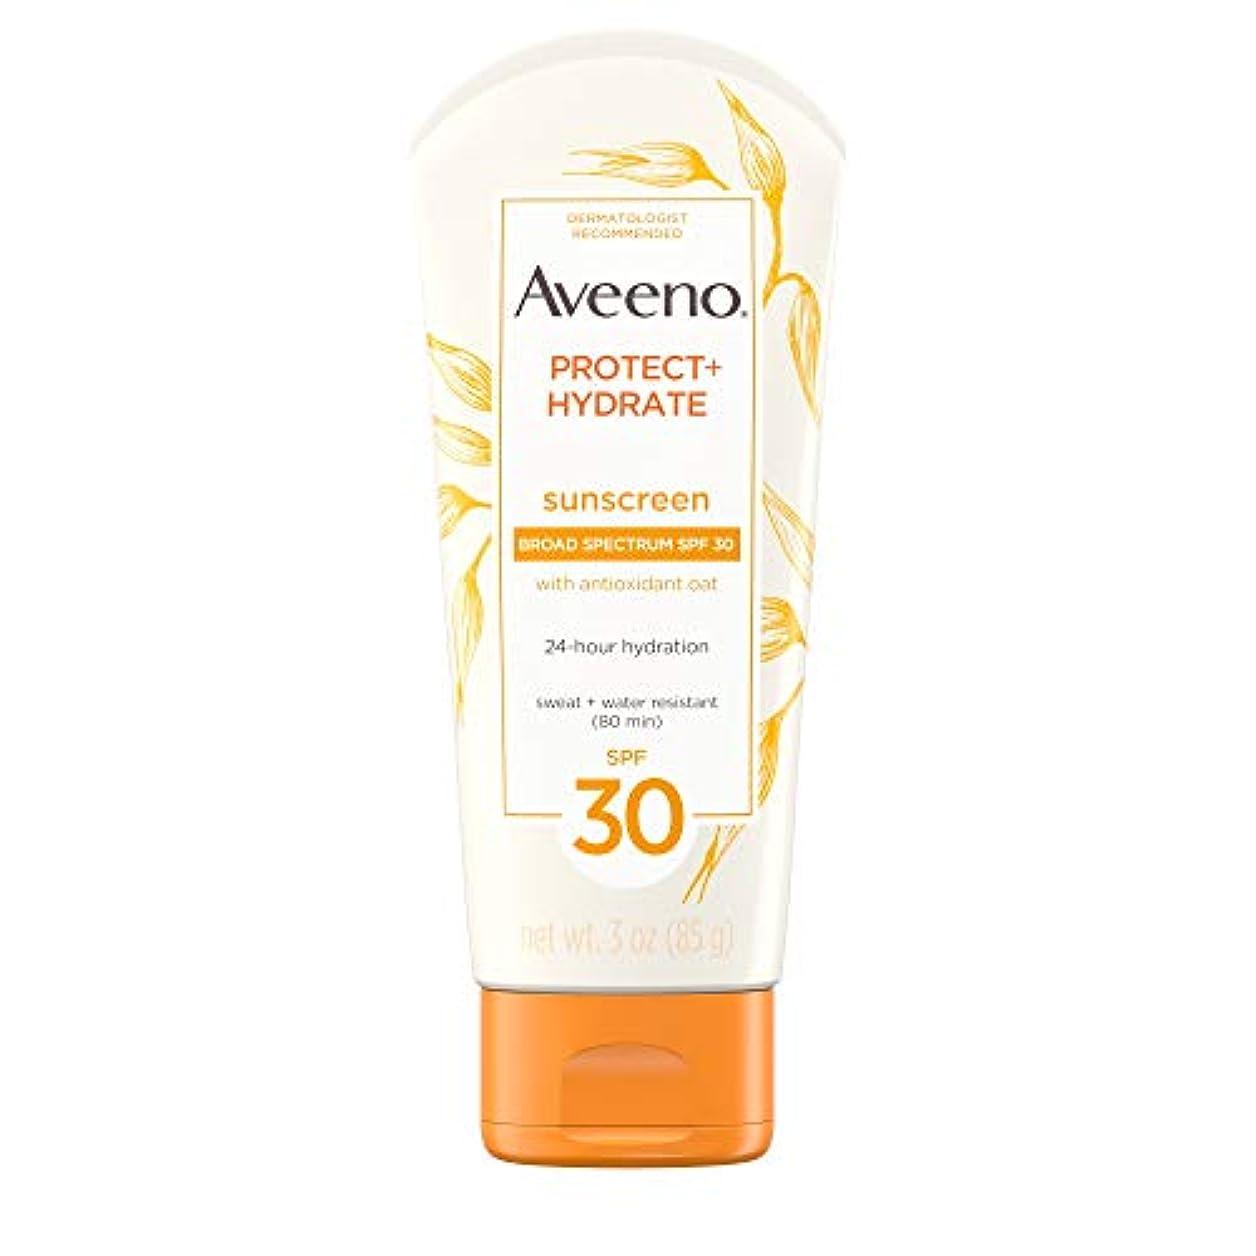 カフェ地理リファインAveeno アビーノ 日焼け止め ローションSPF-30 protect+hydrate Sunscreen Lotion(平行輸入品) 85g (3Oz)